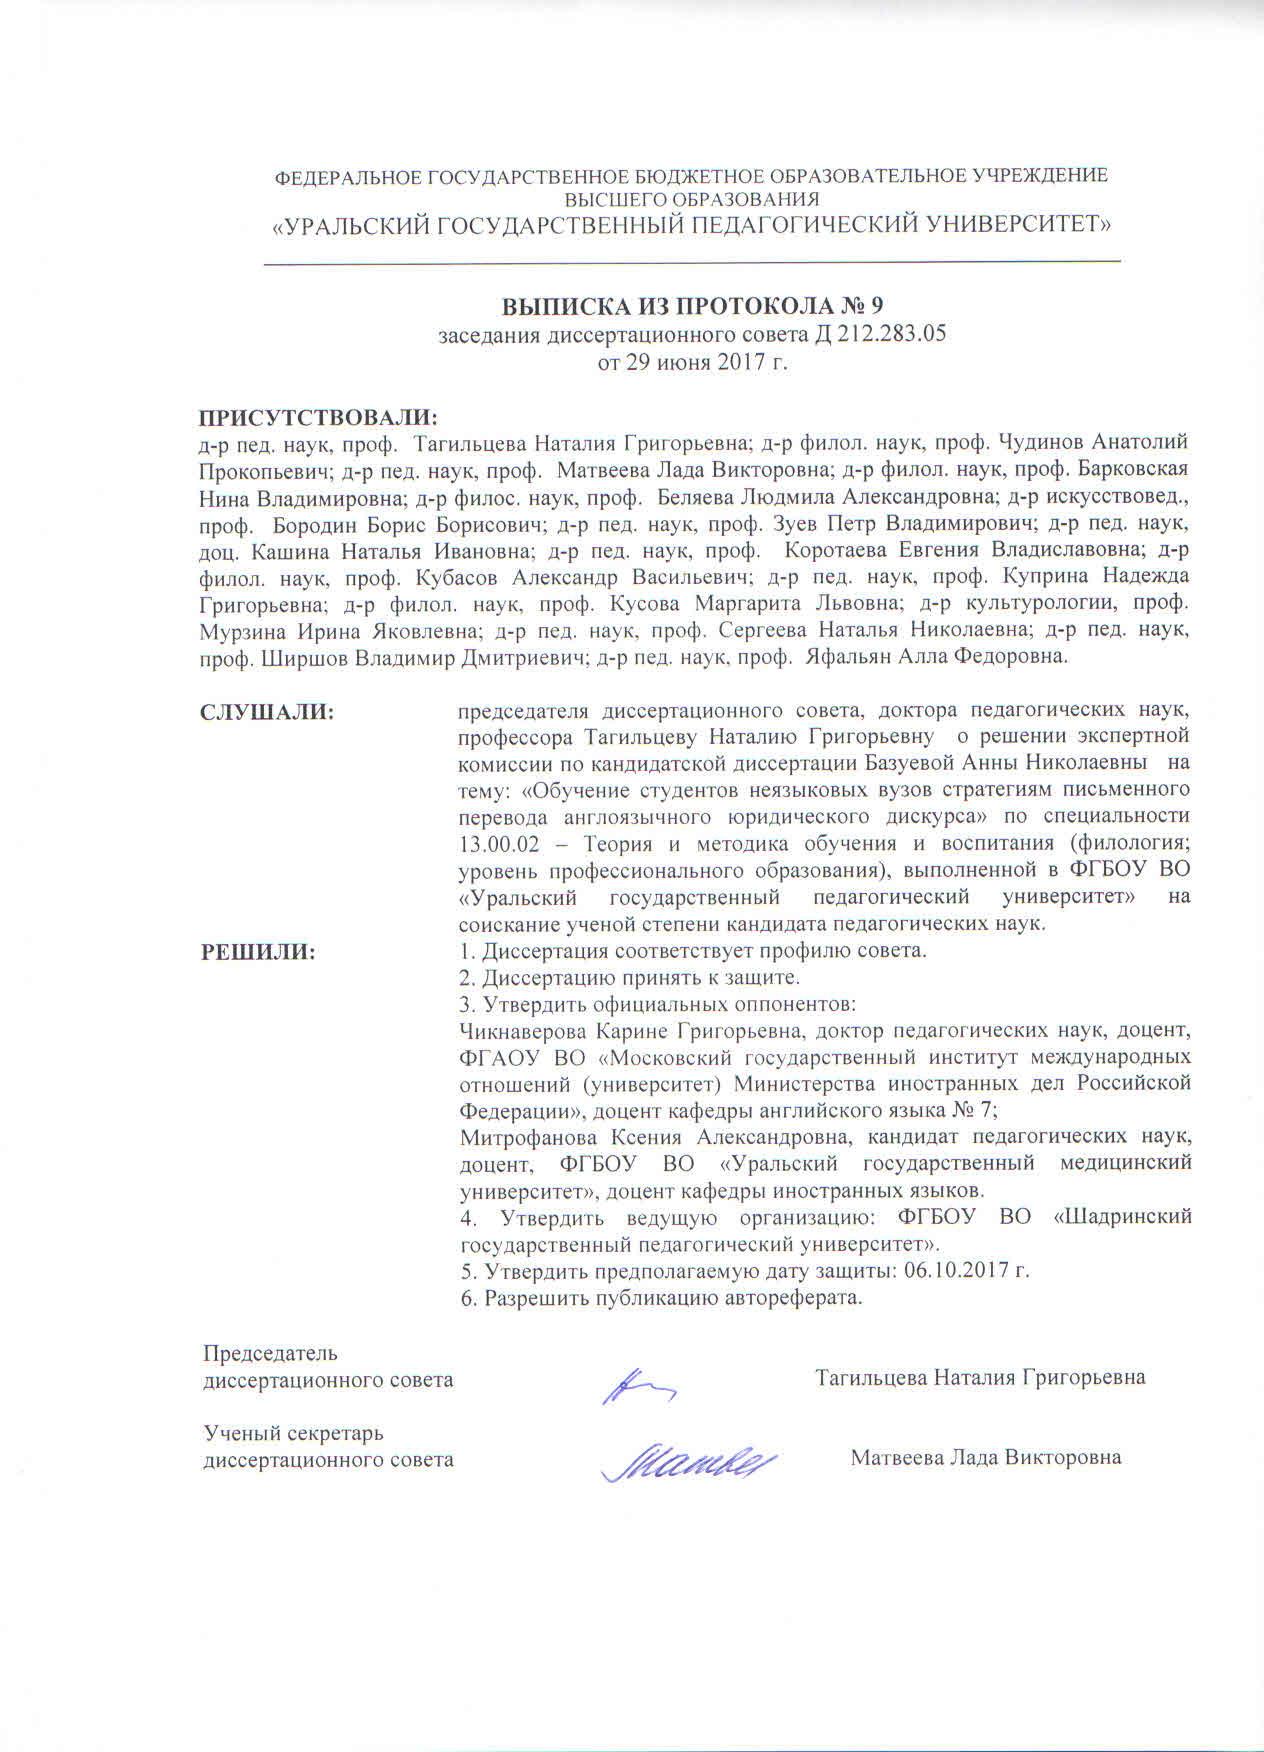 Базуева Анна Николаевна  Протокол о принятии диссертации к защите 246